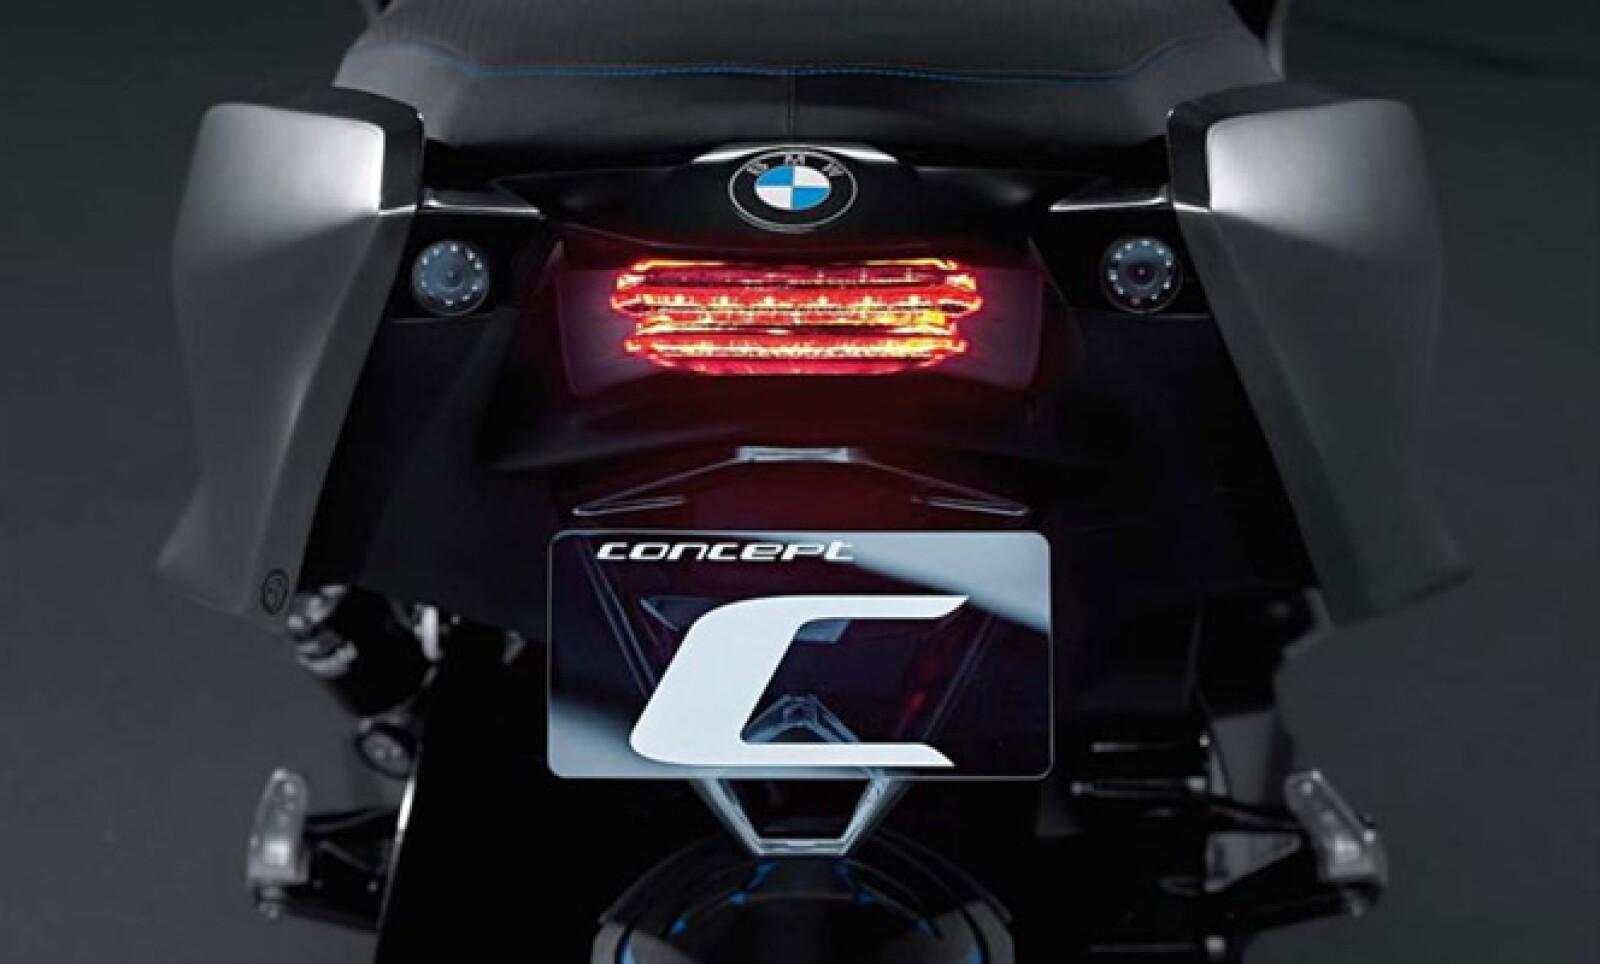 El escape lo hereda de otra motoneta de la misma firma, la S1000RR, con dimensiones contenidas y recubrimiento de fibra de carbono.